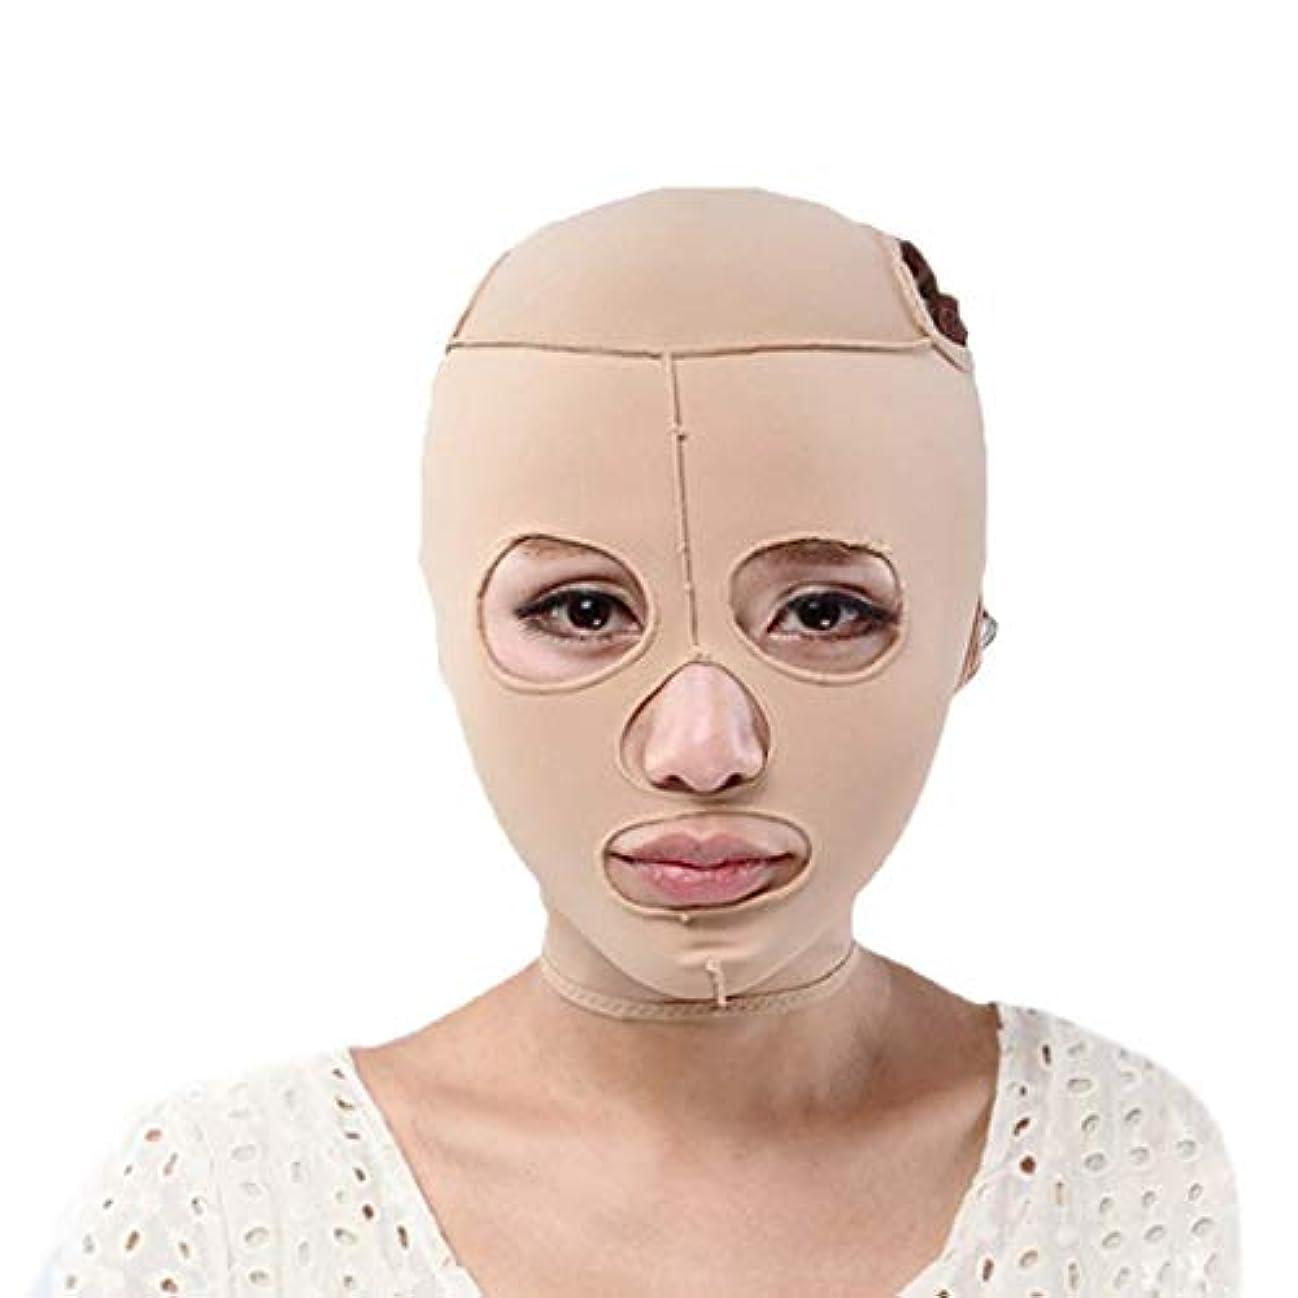 農村除去郵便屋さんチンストラップ、顔の減量アンチシワマスク、快適な通気性マスク付きオールインクルーシブフェイス、薄型フェイスマスクリフティング包帯引き締め(サイズ:S),XL